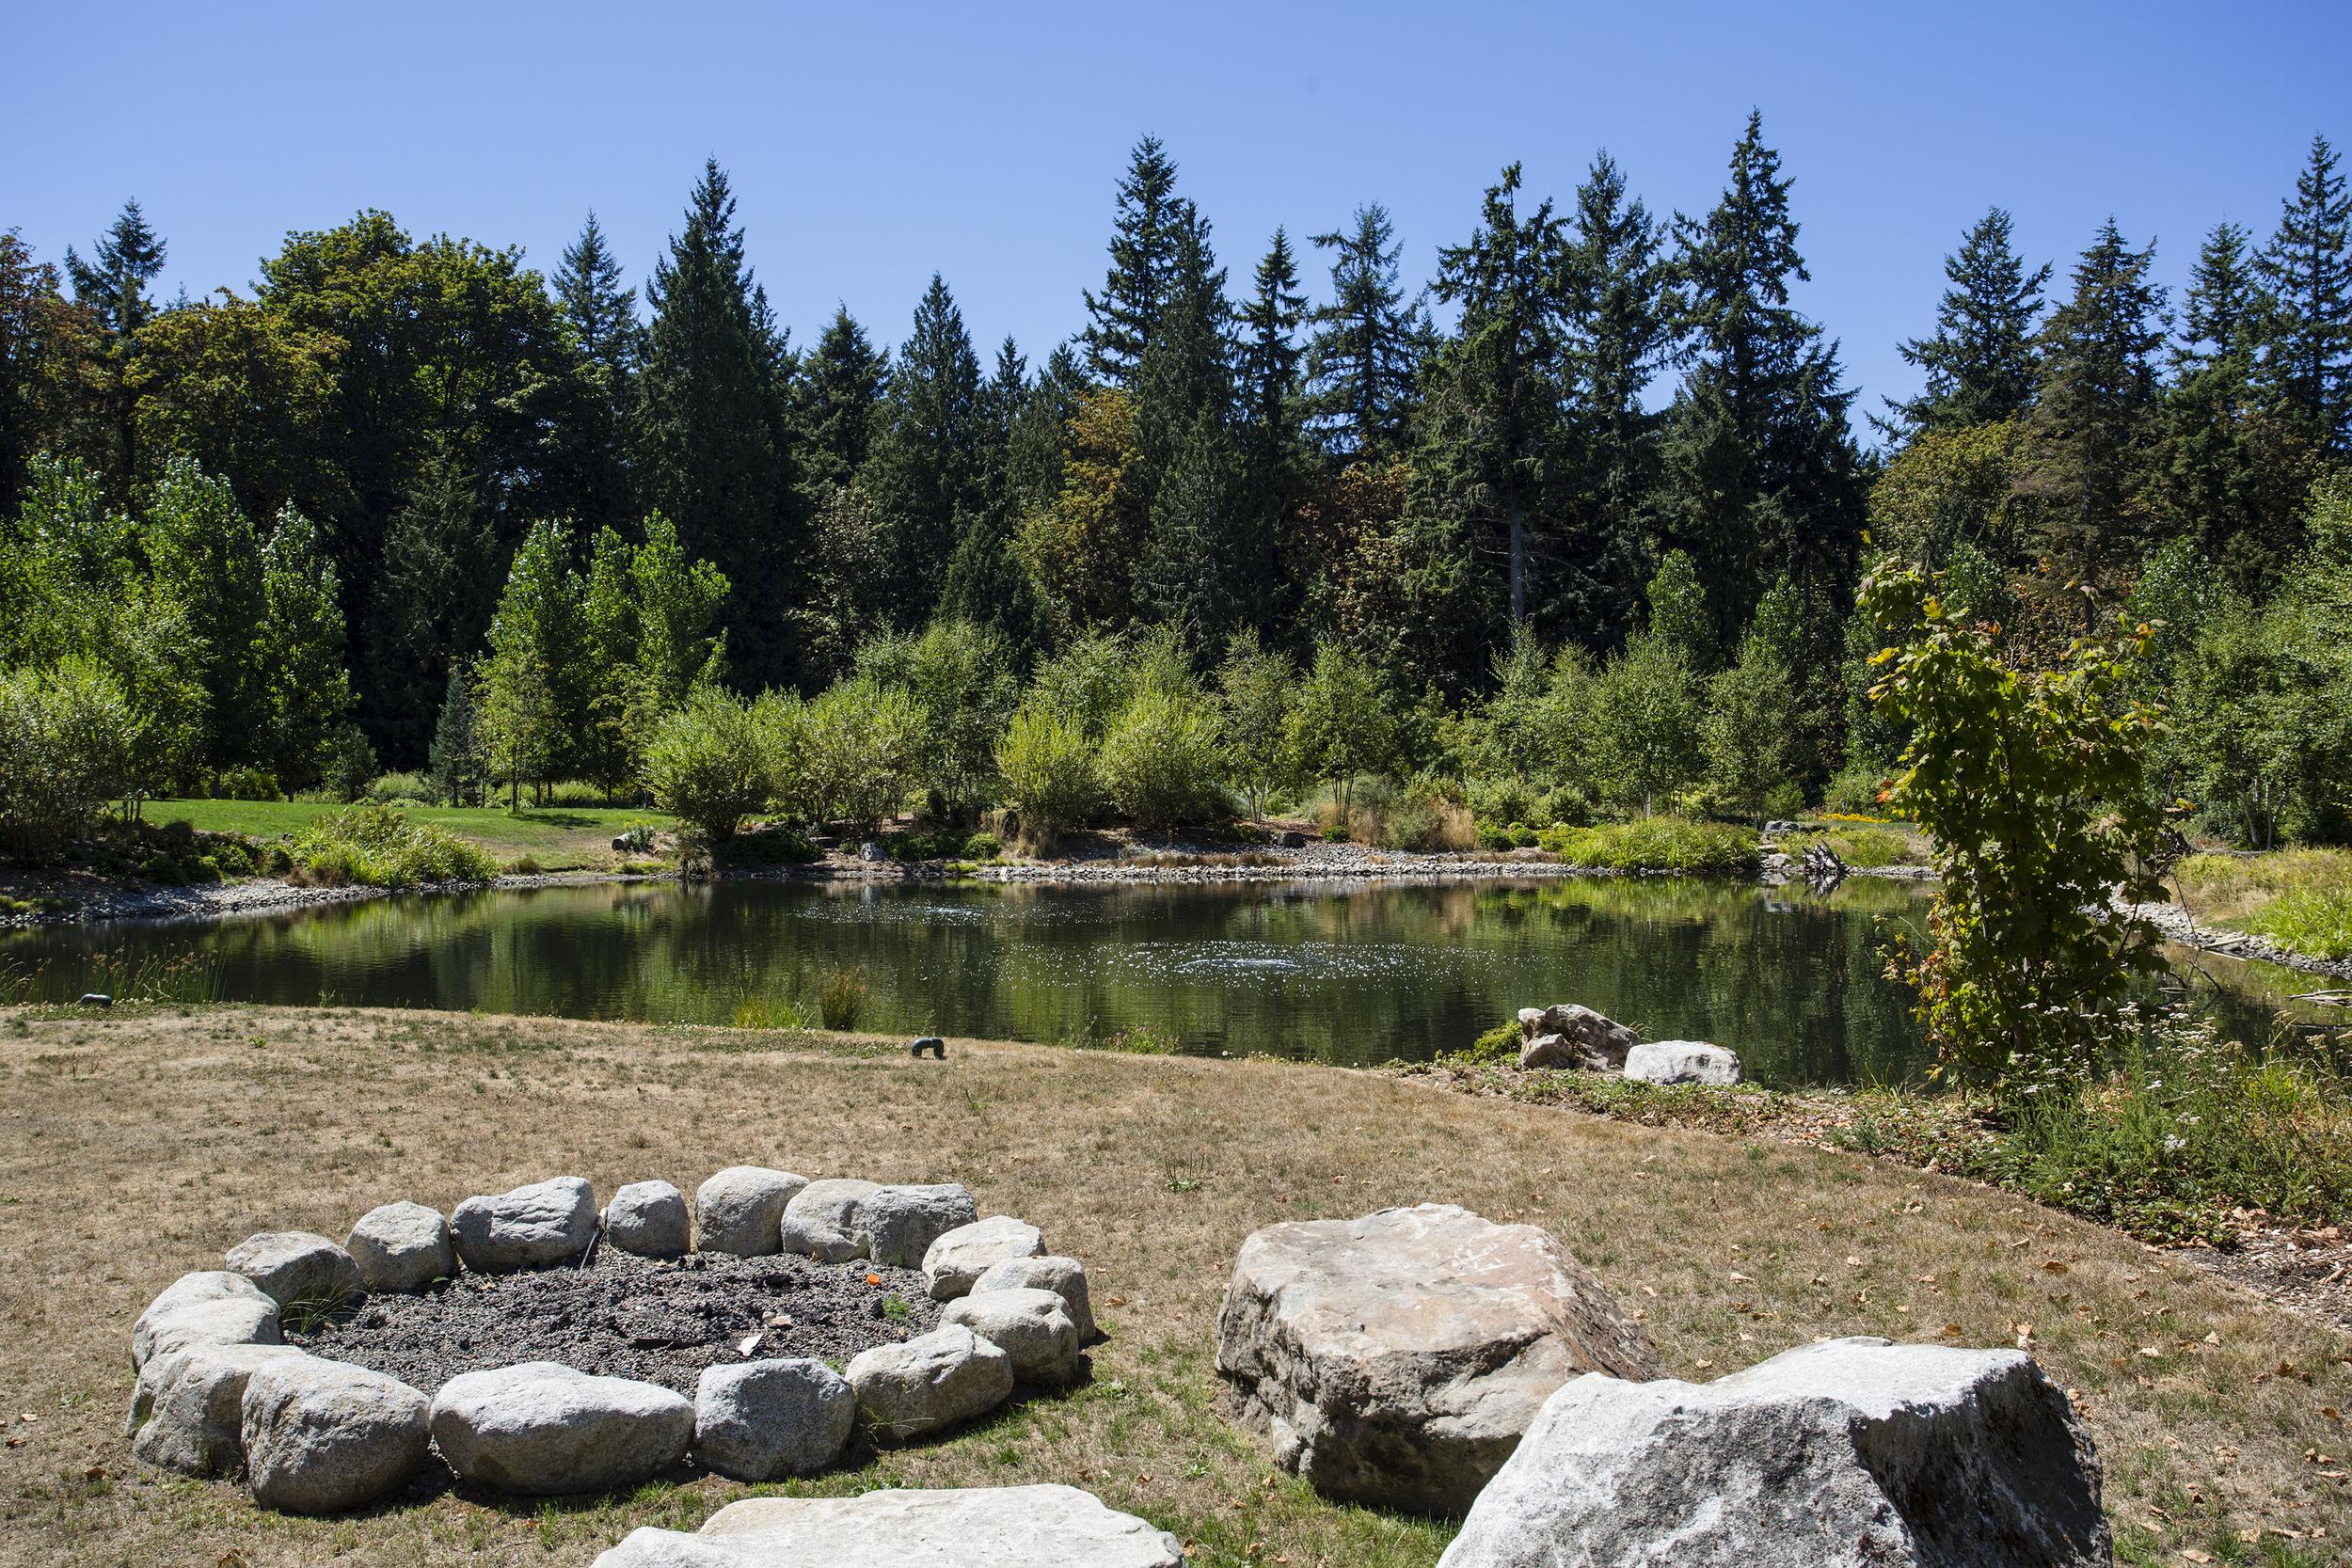 pond-1-Lrg.jpg